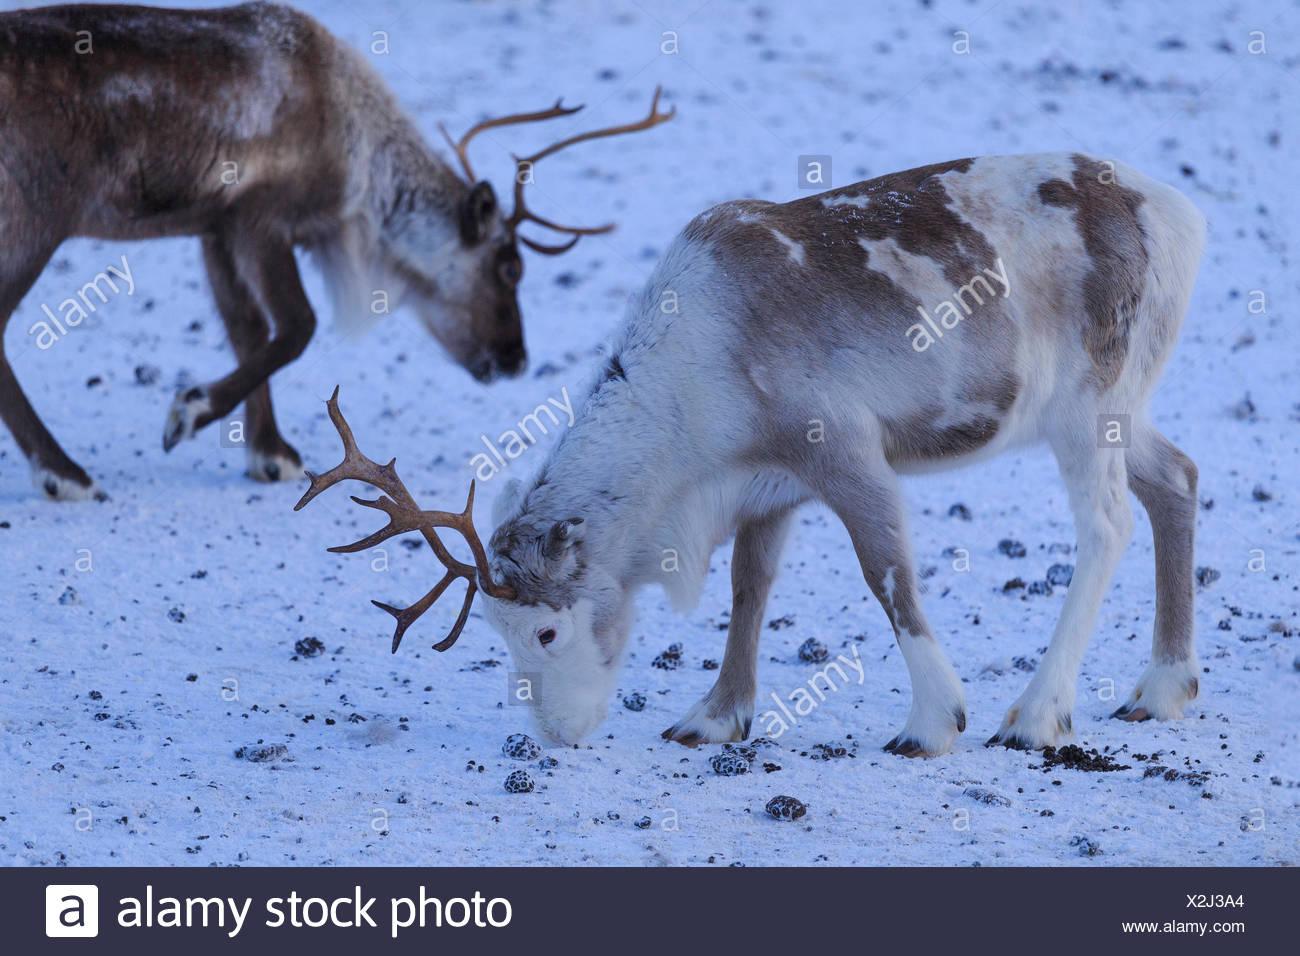 Reindeer grazing. Riskgransen, Norbottens Ian, Lapland, Sweden,Europe - Stock Image